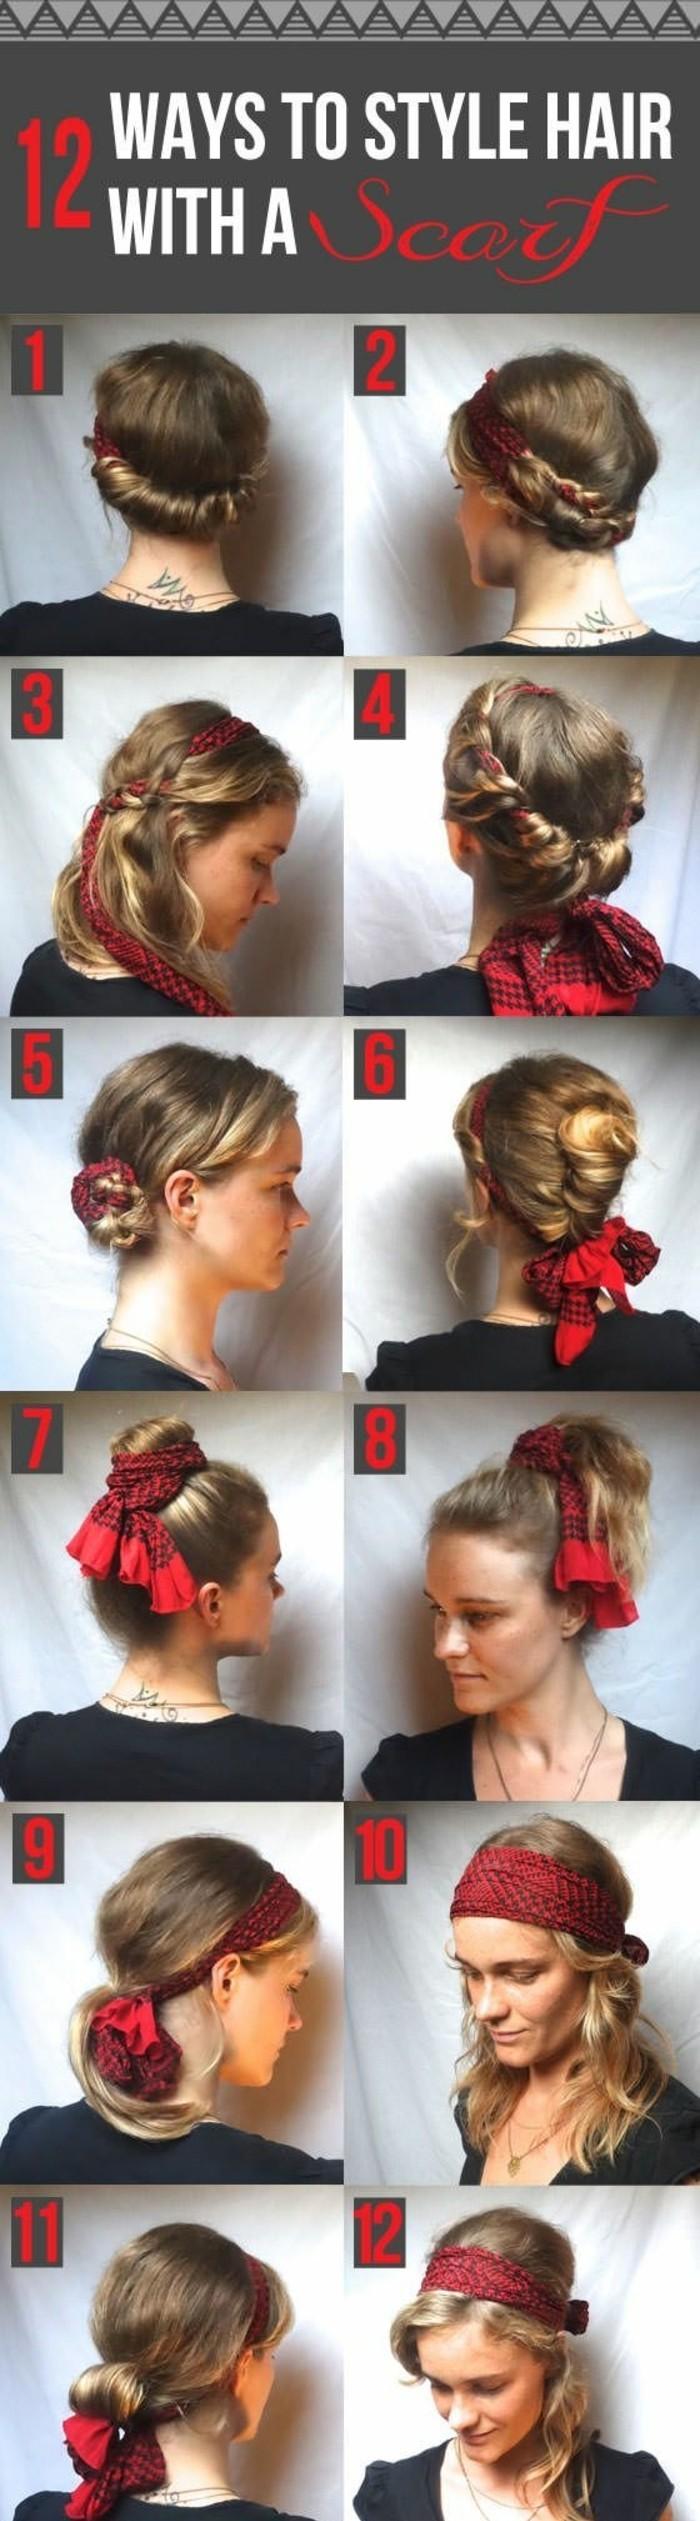 Achat/Vente style le plus récent dégagement ▷ 1001 idées pour coiffures avec foulard dans les cheveux